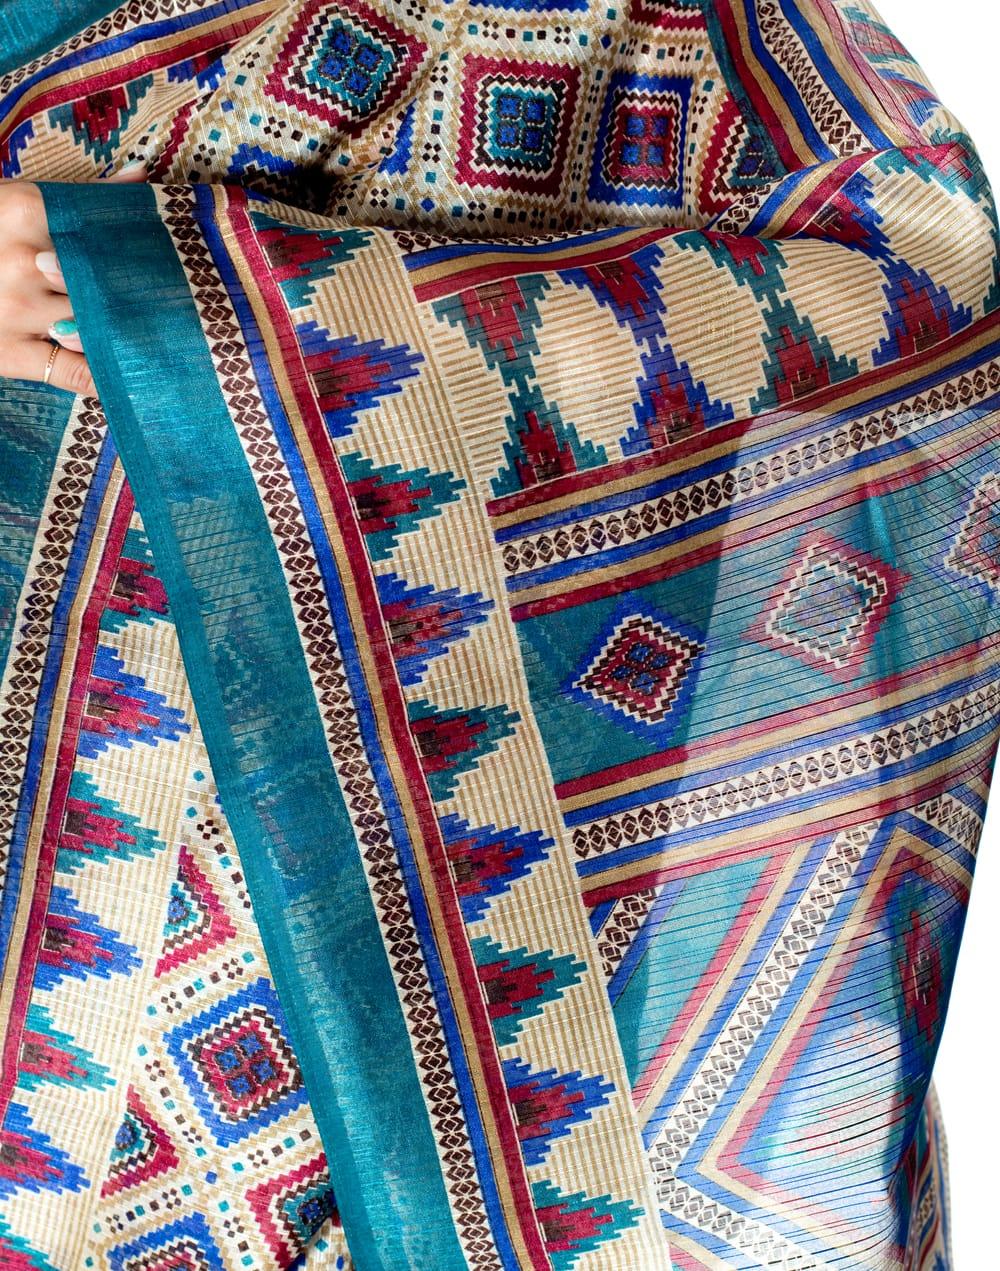 タッサーシルク風の光沢サリー【ひし形・伝統柄】 6 - ショール部分の写真です